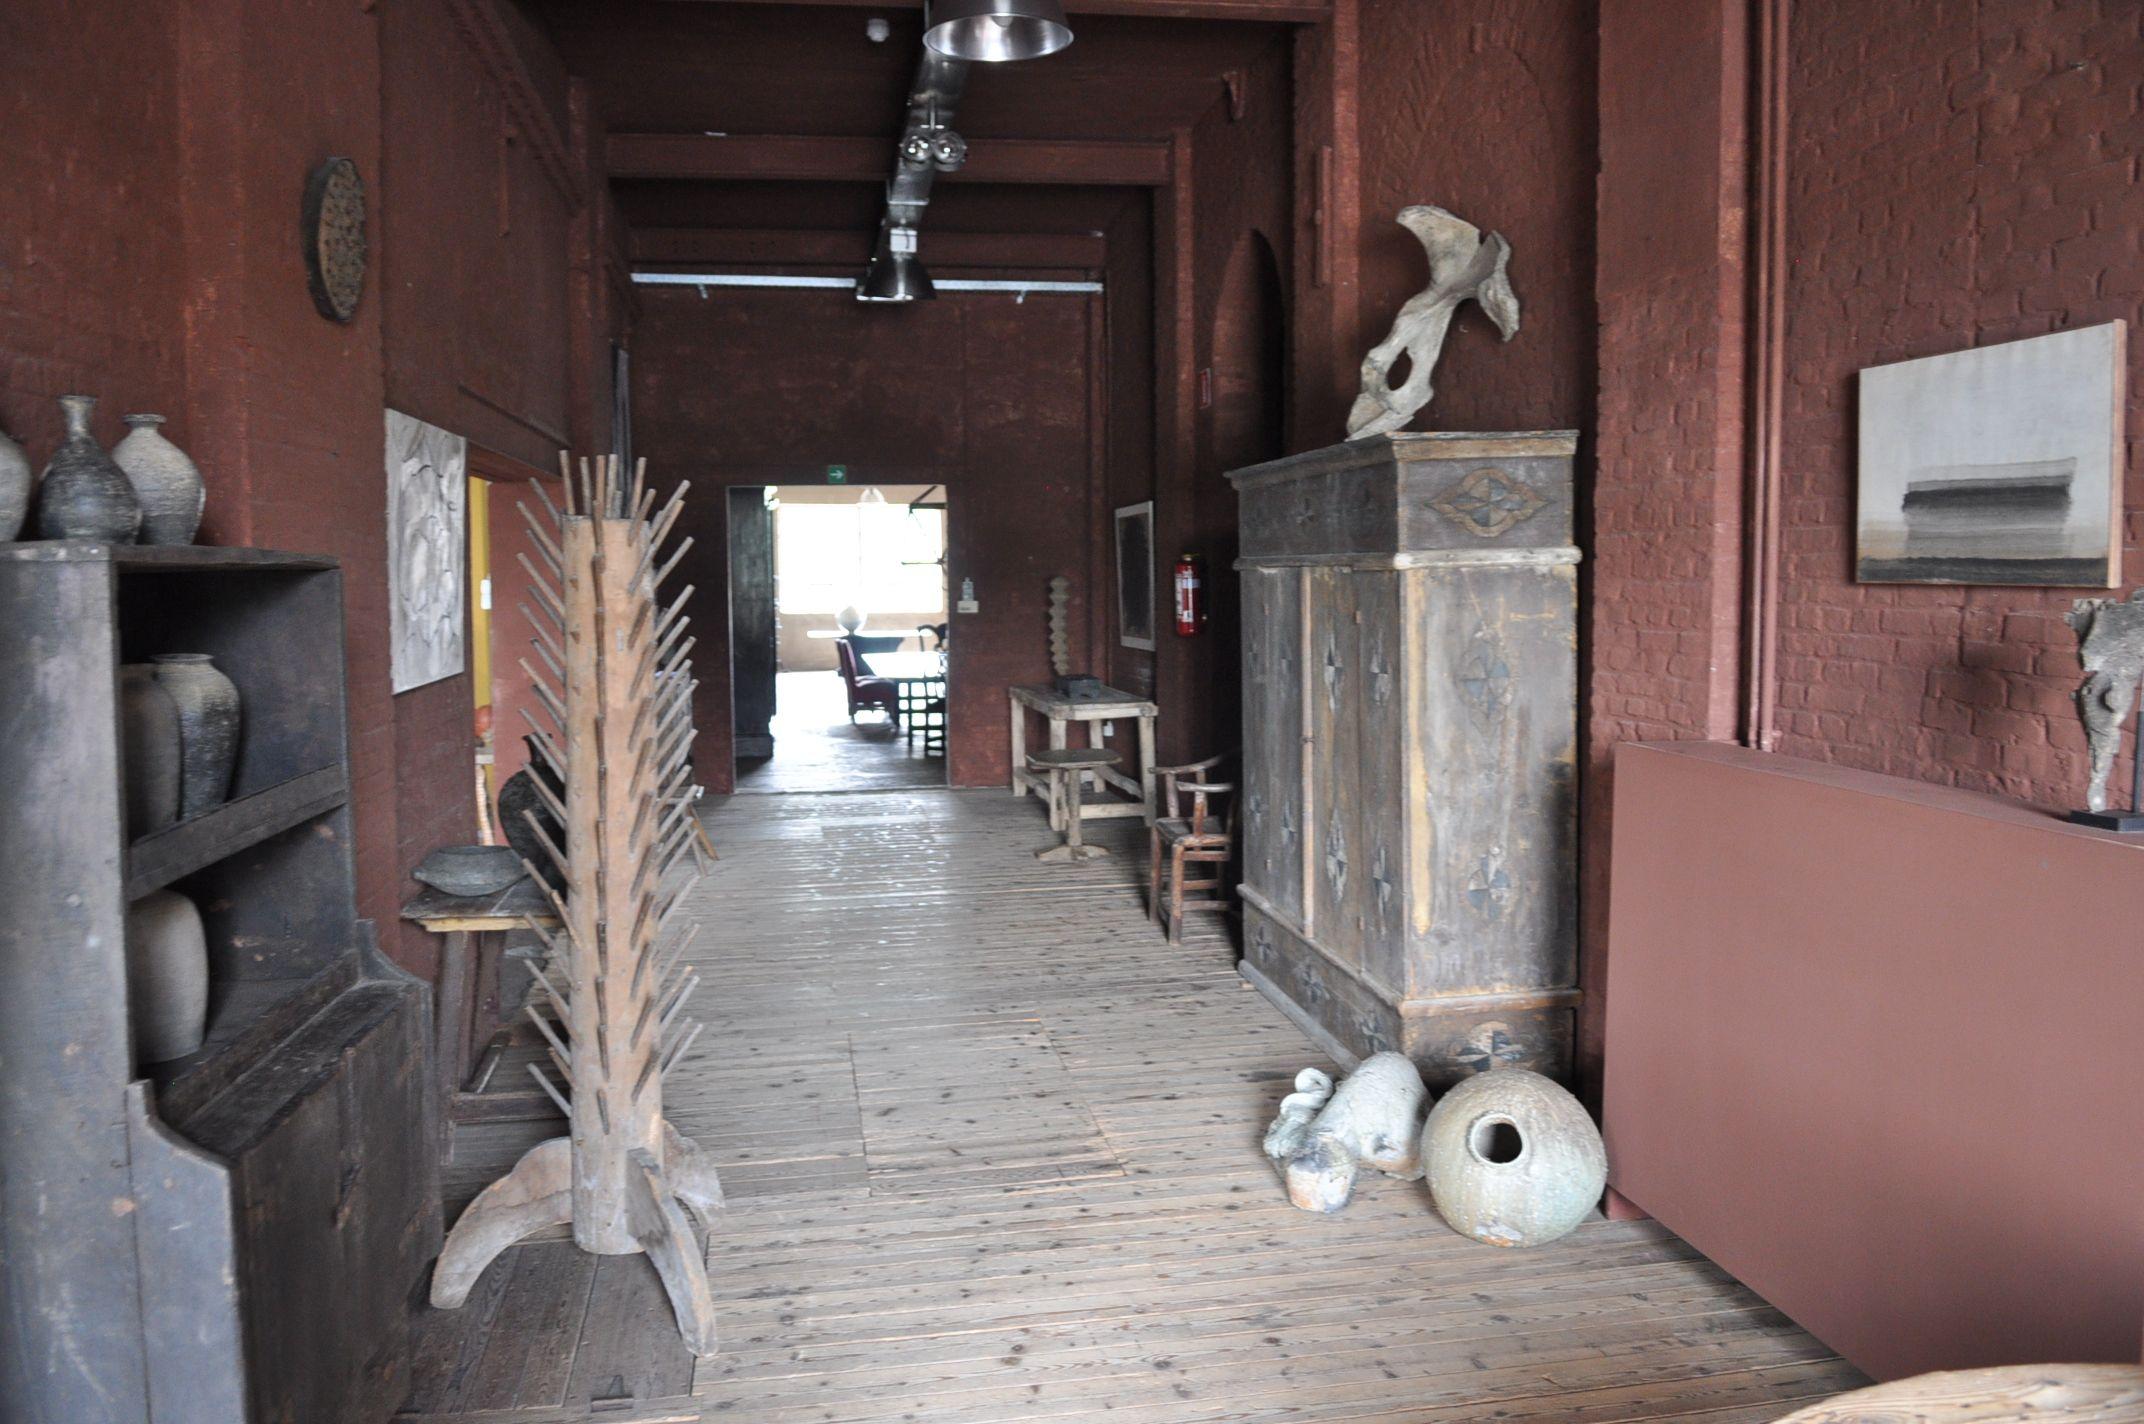 Pearl Restaurant interior belga Axel Vervoordt (belga Axel Vervoordt)